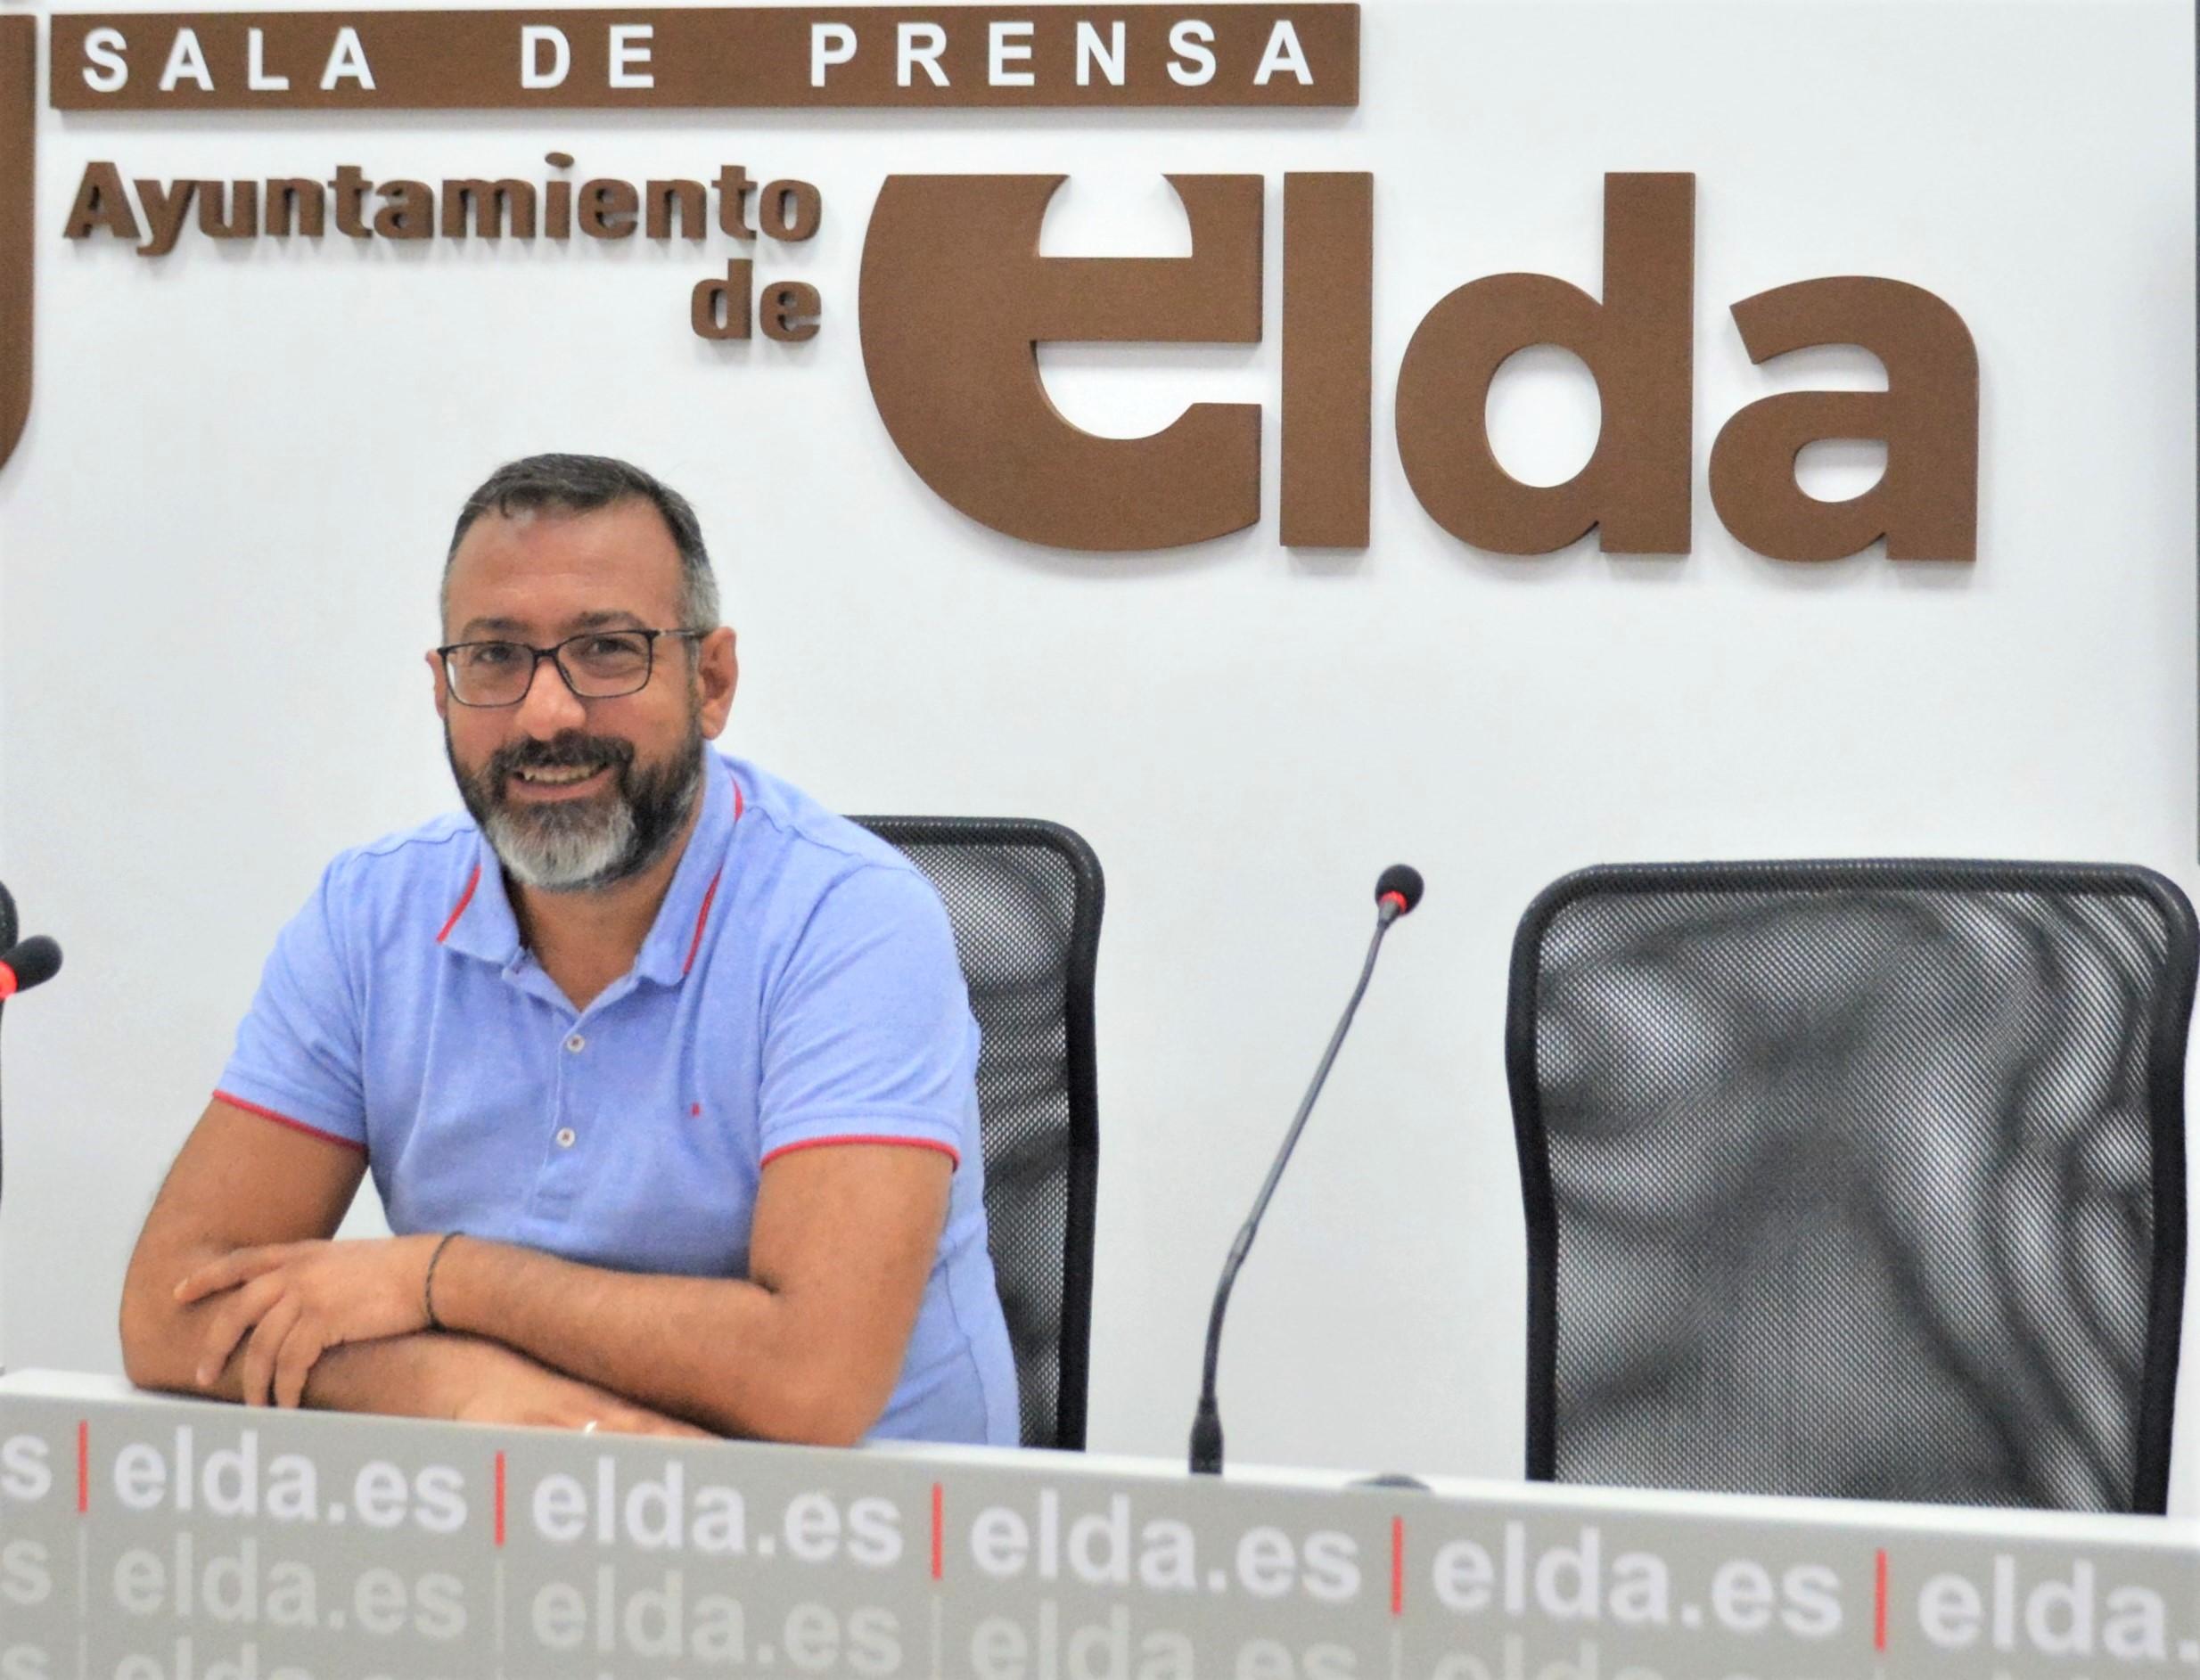 El Ayuntamiento de Elda sitúa en 11 días el Plazo Medio de Pago a proveedores en el segundo trimestre del año